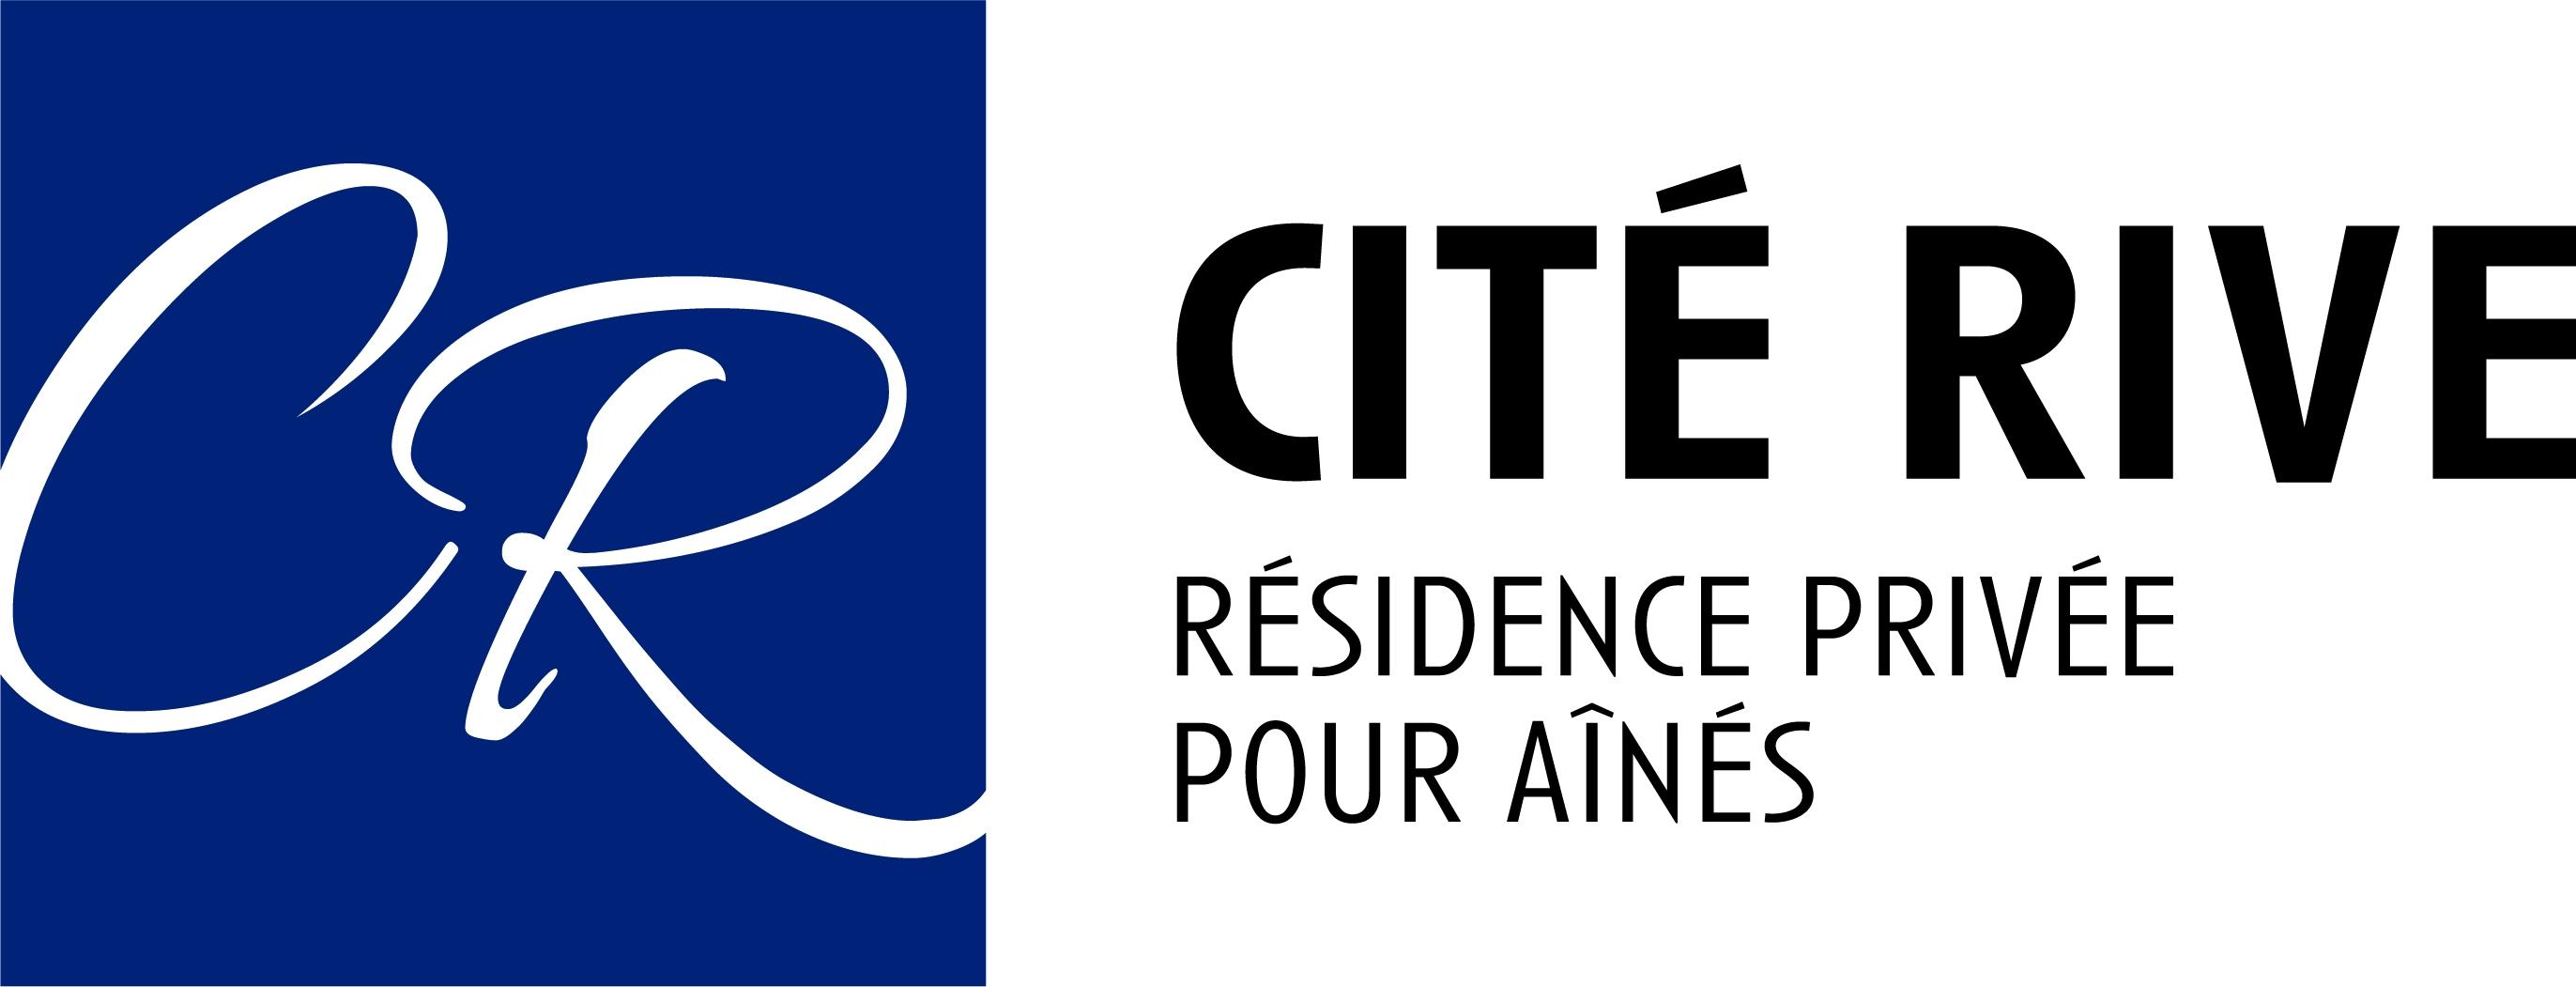 Cité Rive